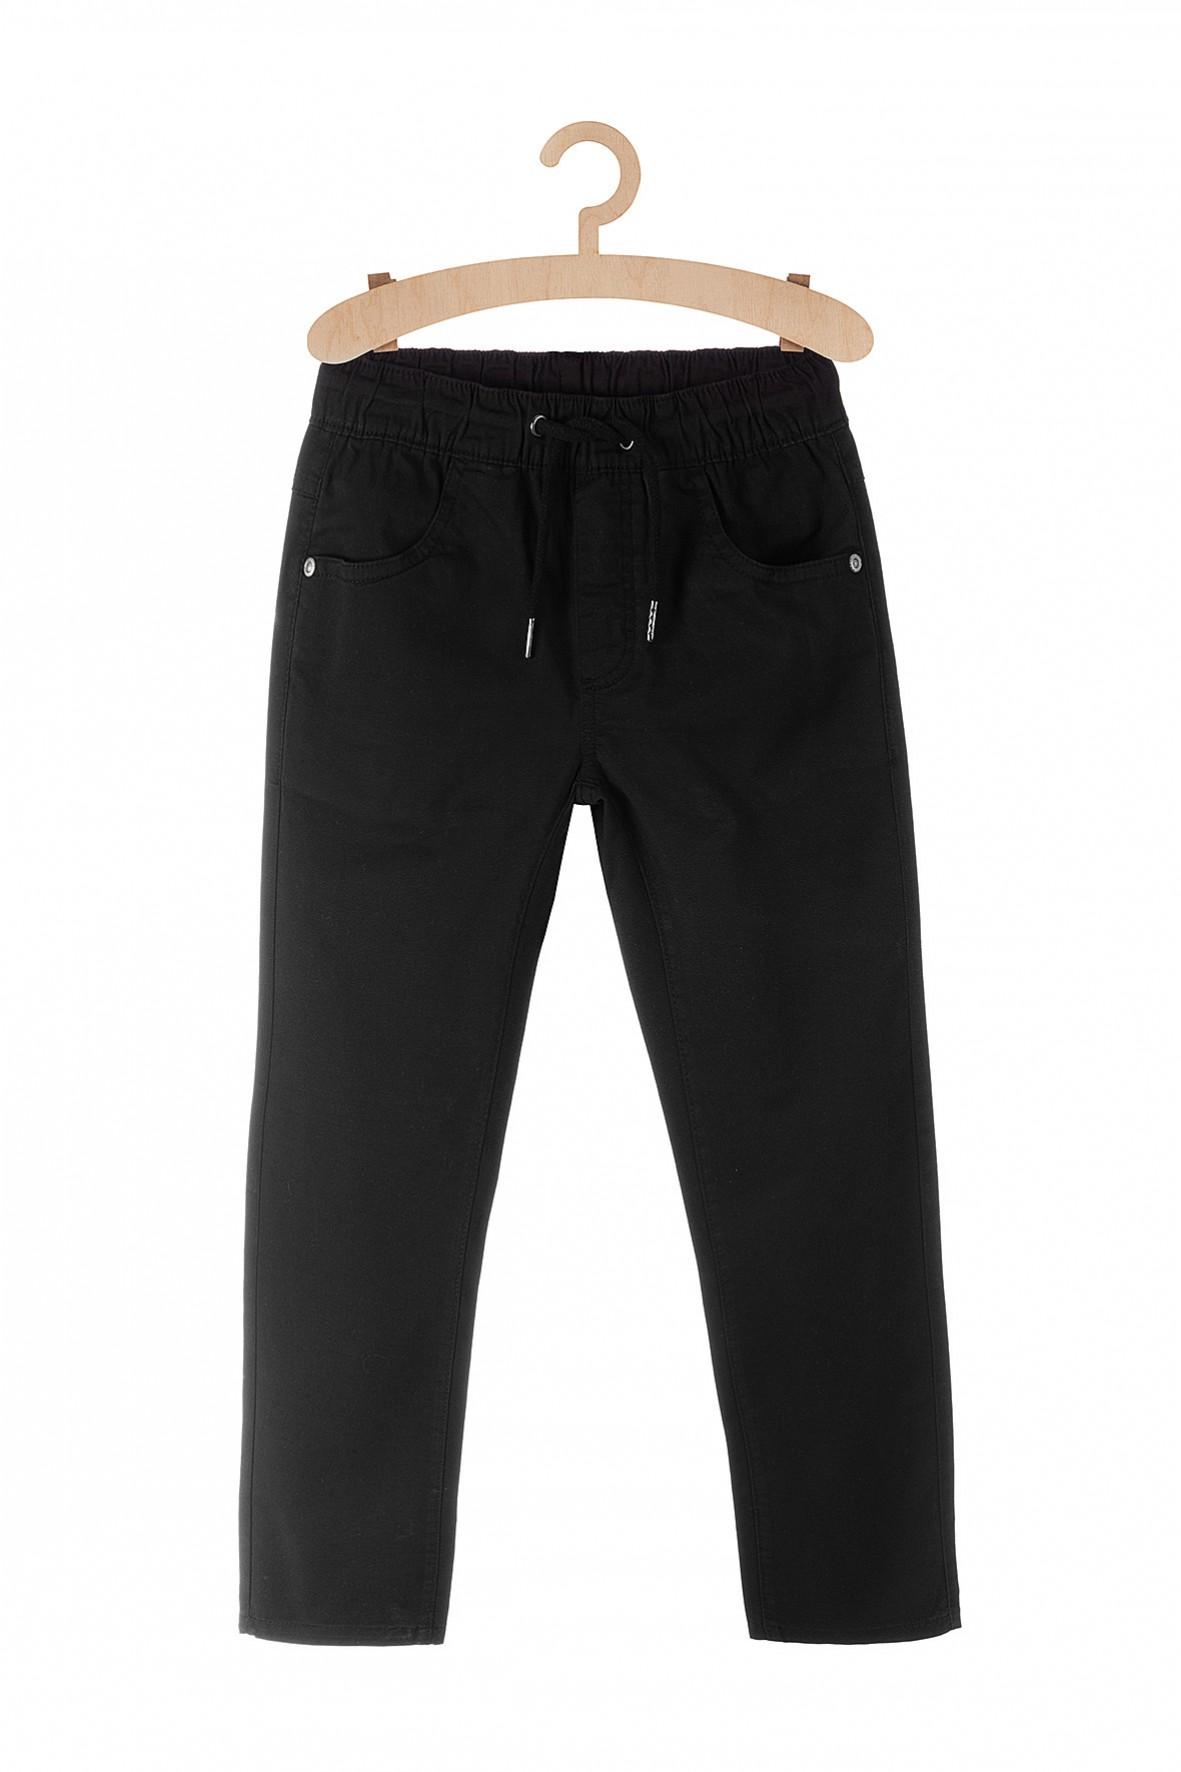 Spodnie dla chłopca - czarne